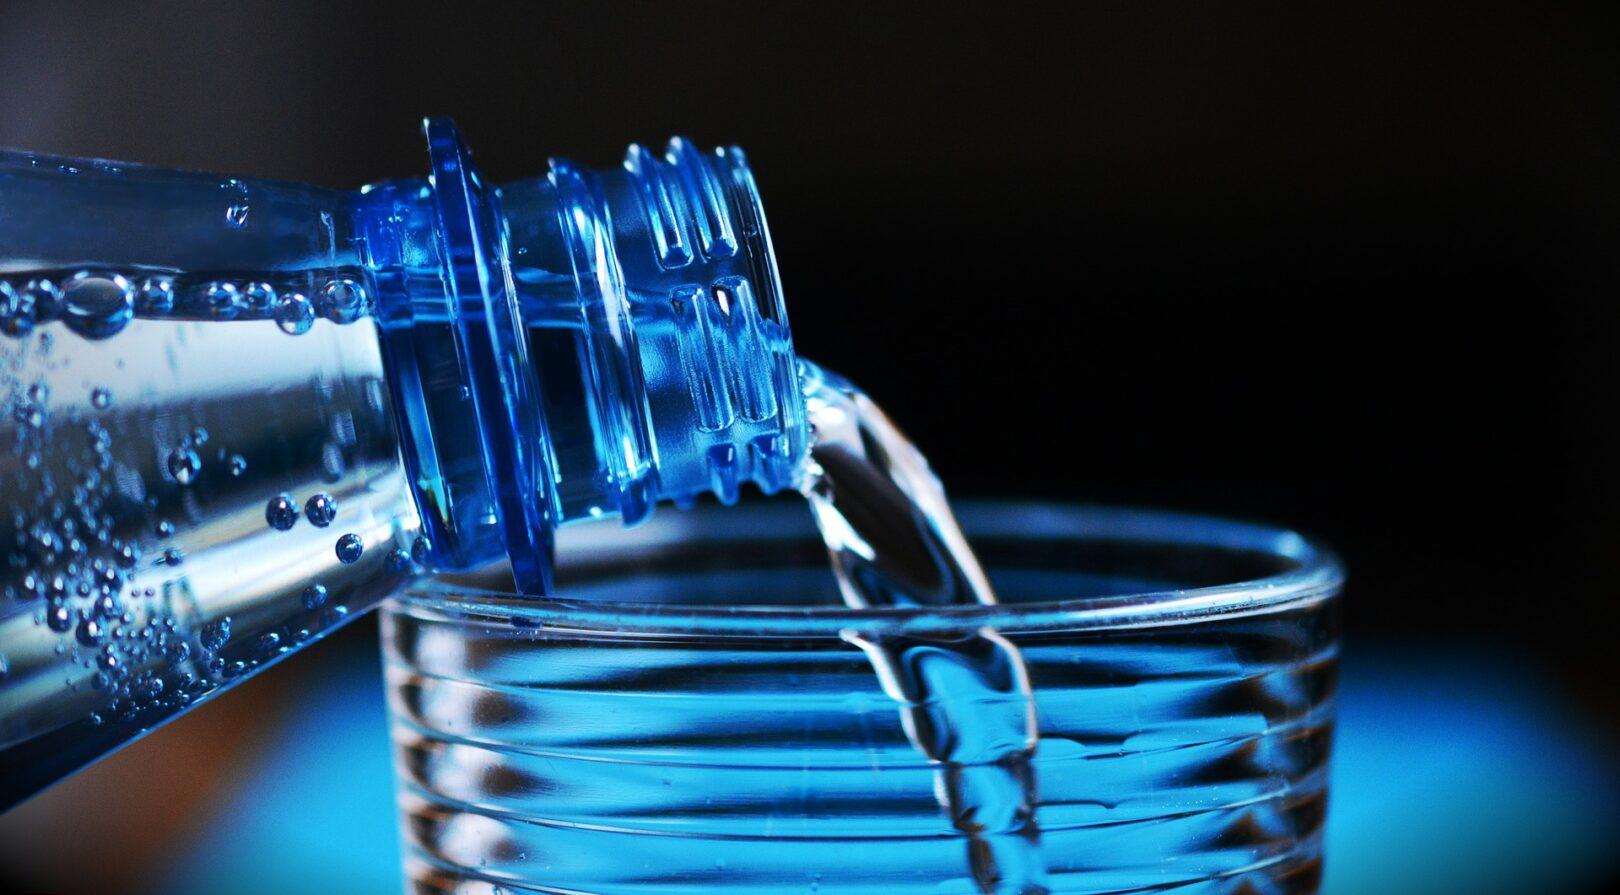 Pomanjkanje pitne vode je težava tudi v Sloveniji.